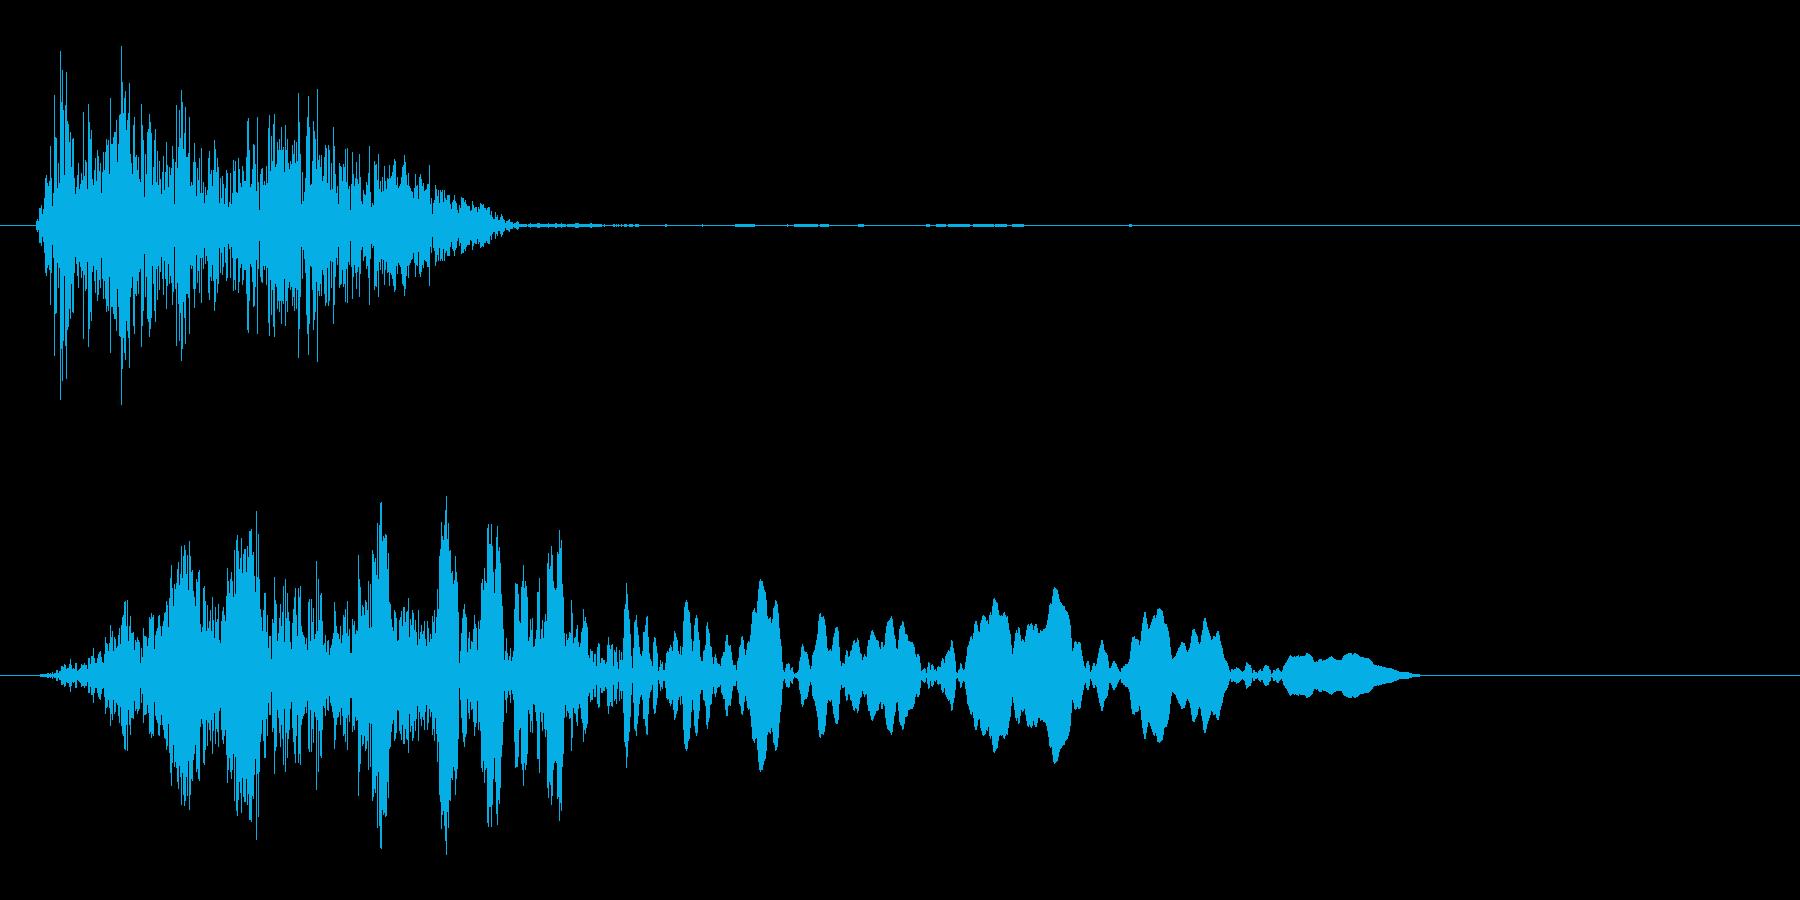 ヒュッ (スピード感のある空気音)の再生済みの波形